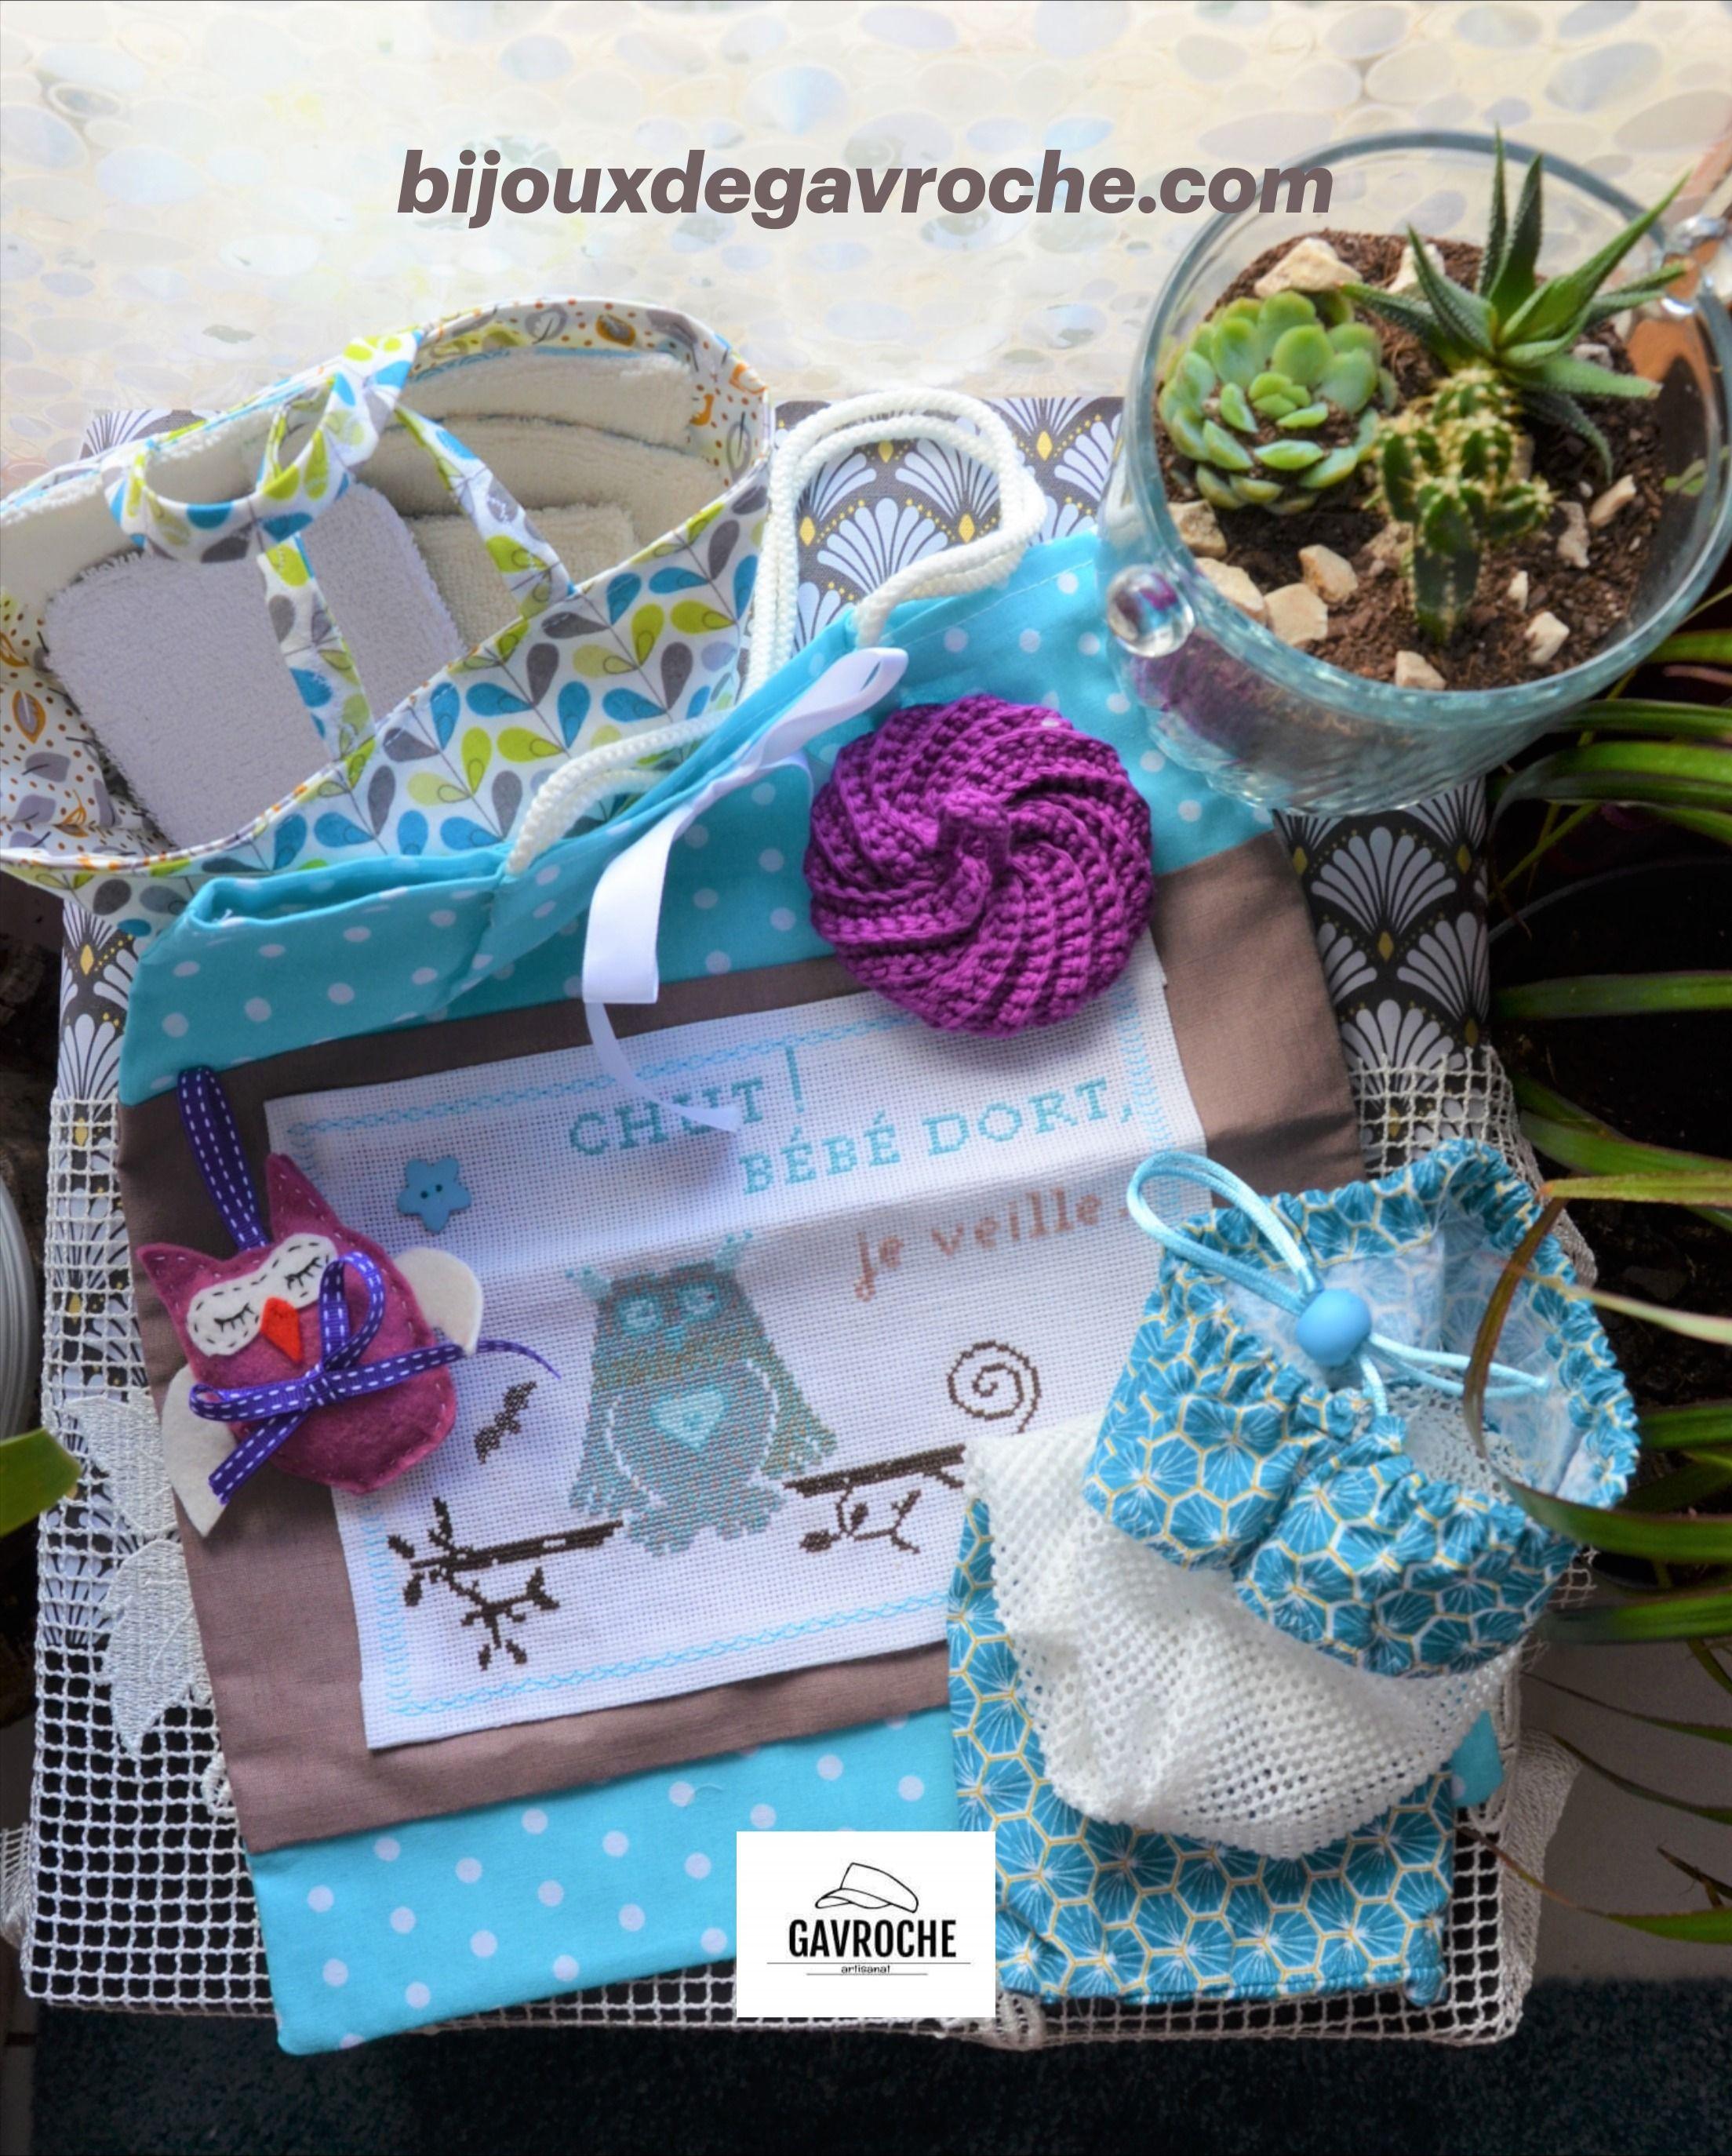 Coffret Naissance Baby Box: Lingettes Coton/bambou, Sac pour Image Chut Bébé Dort